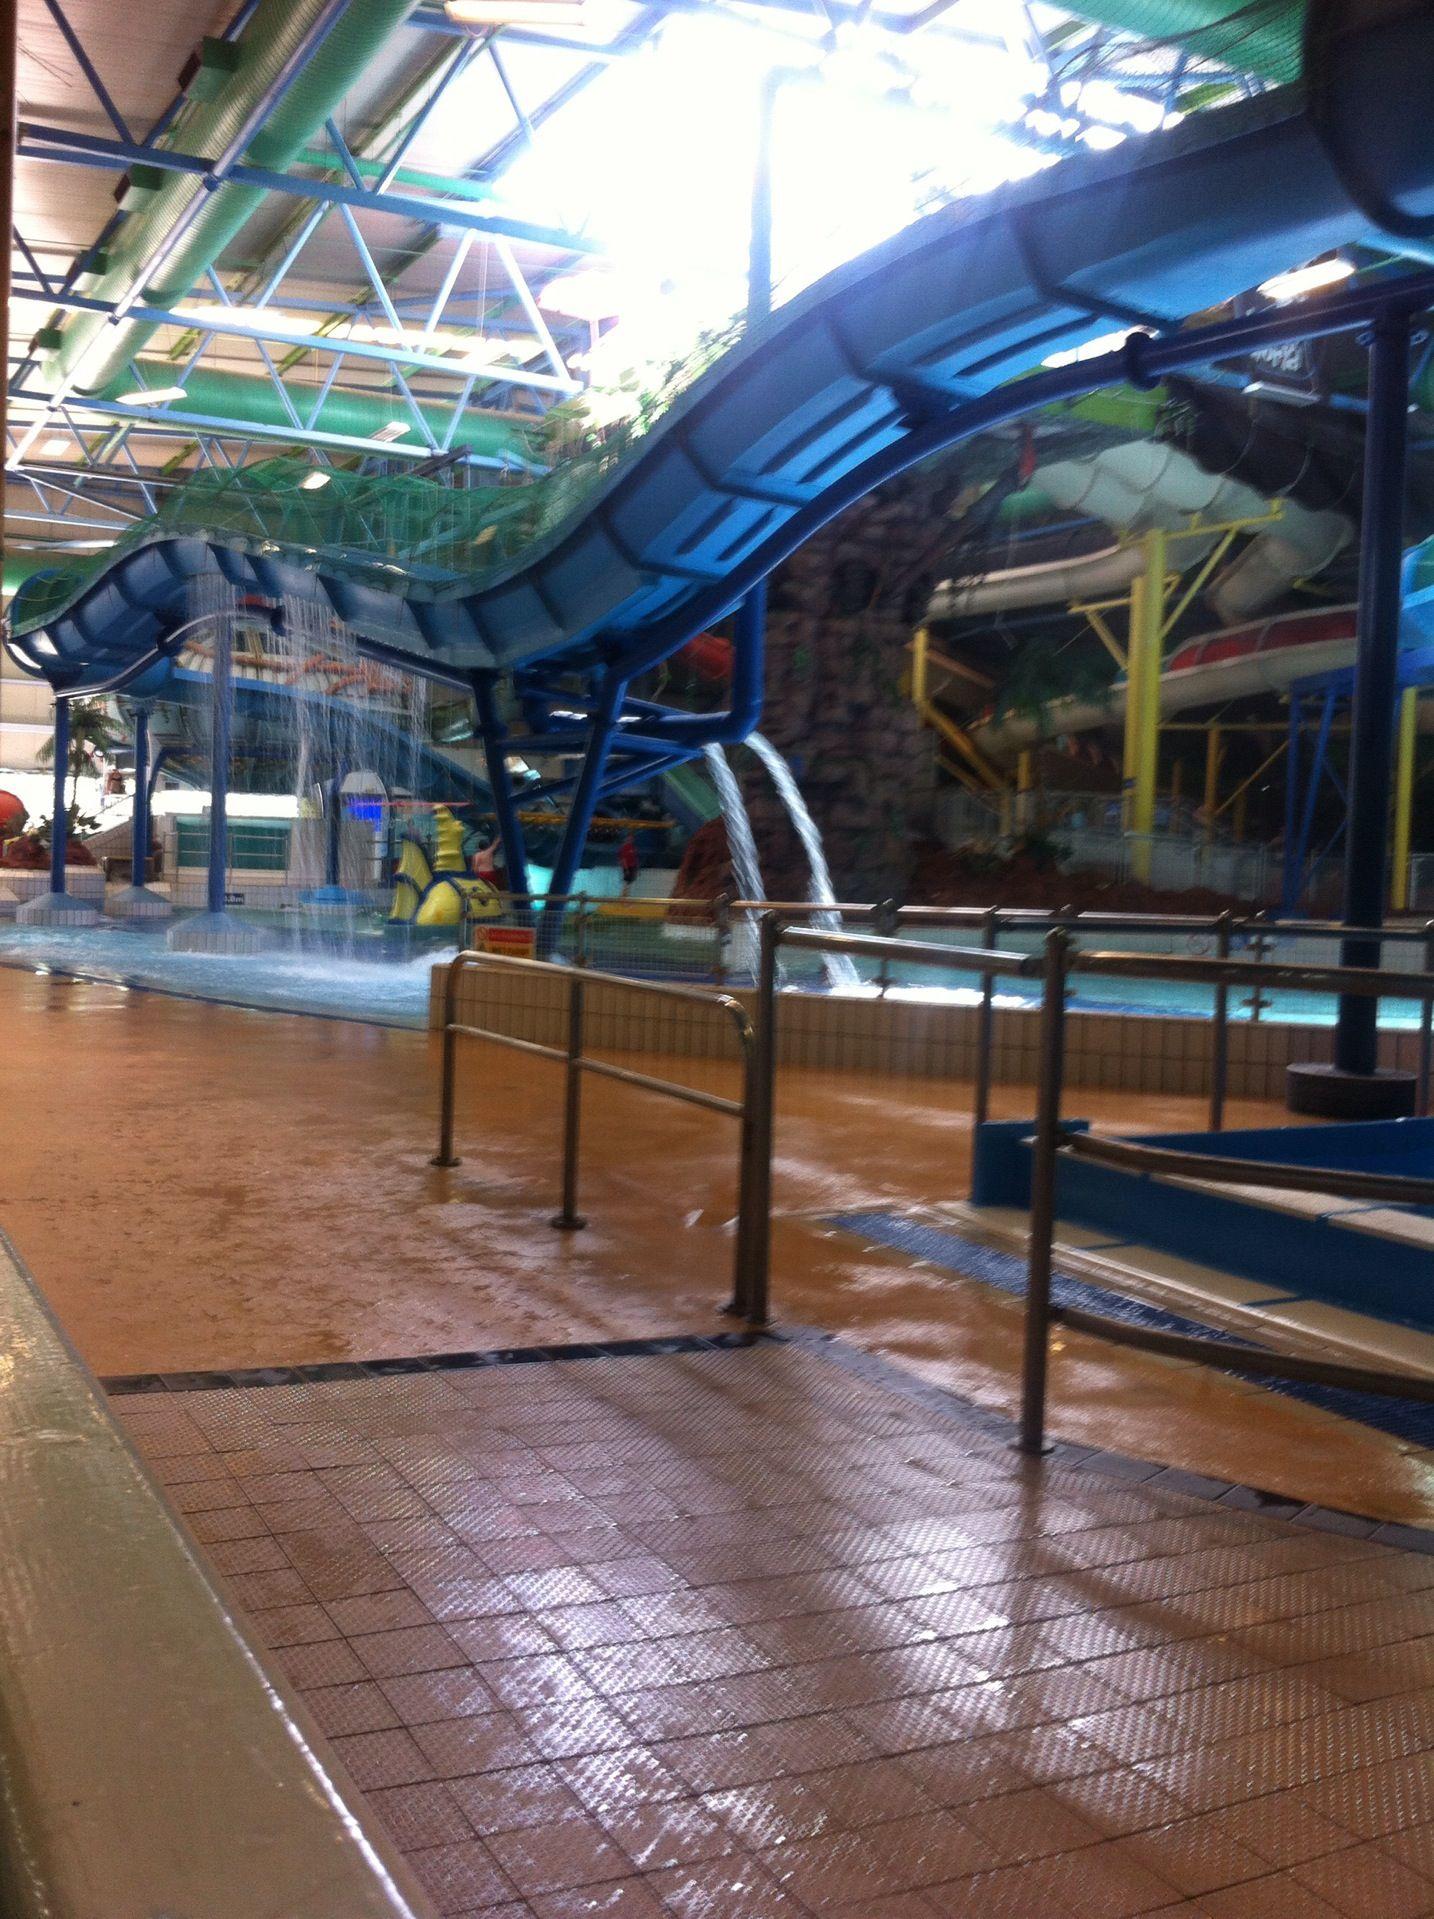 Waterworld in Stoke-on-Trent, Stoke-on-Trent